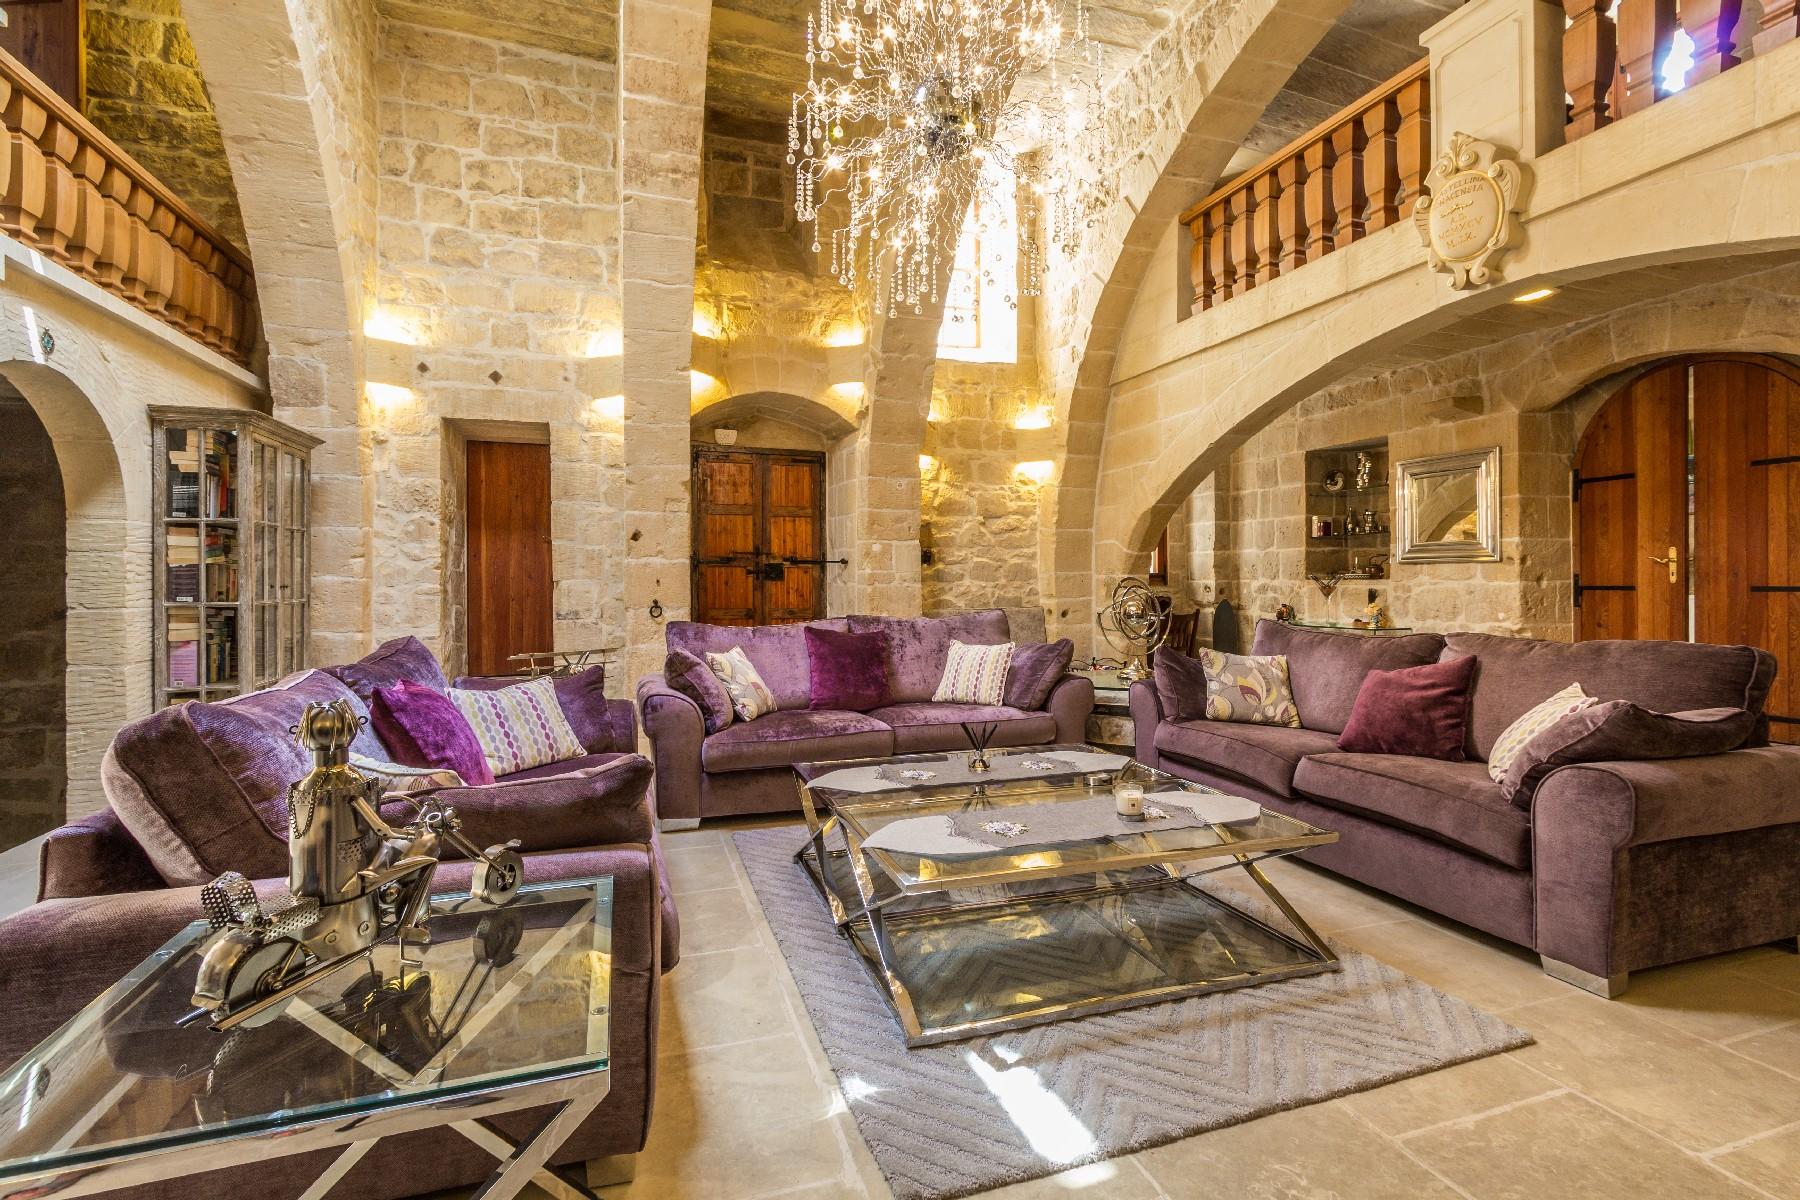 Другая жилая недвижимость для того Продажа на Stunning House of Character Qormi, Мальта